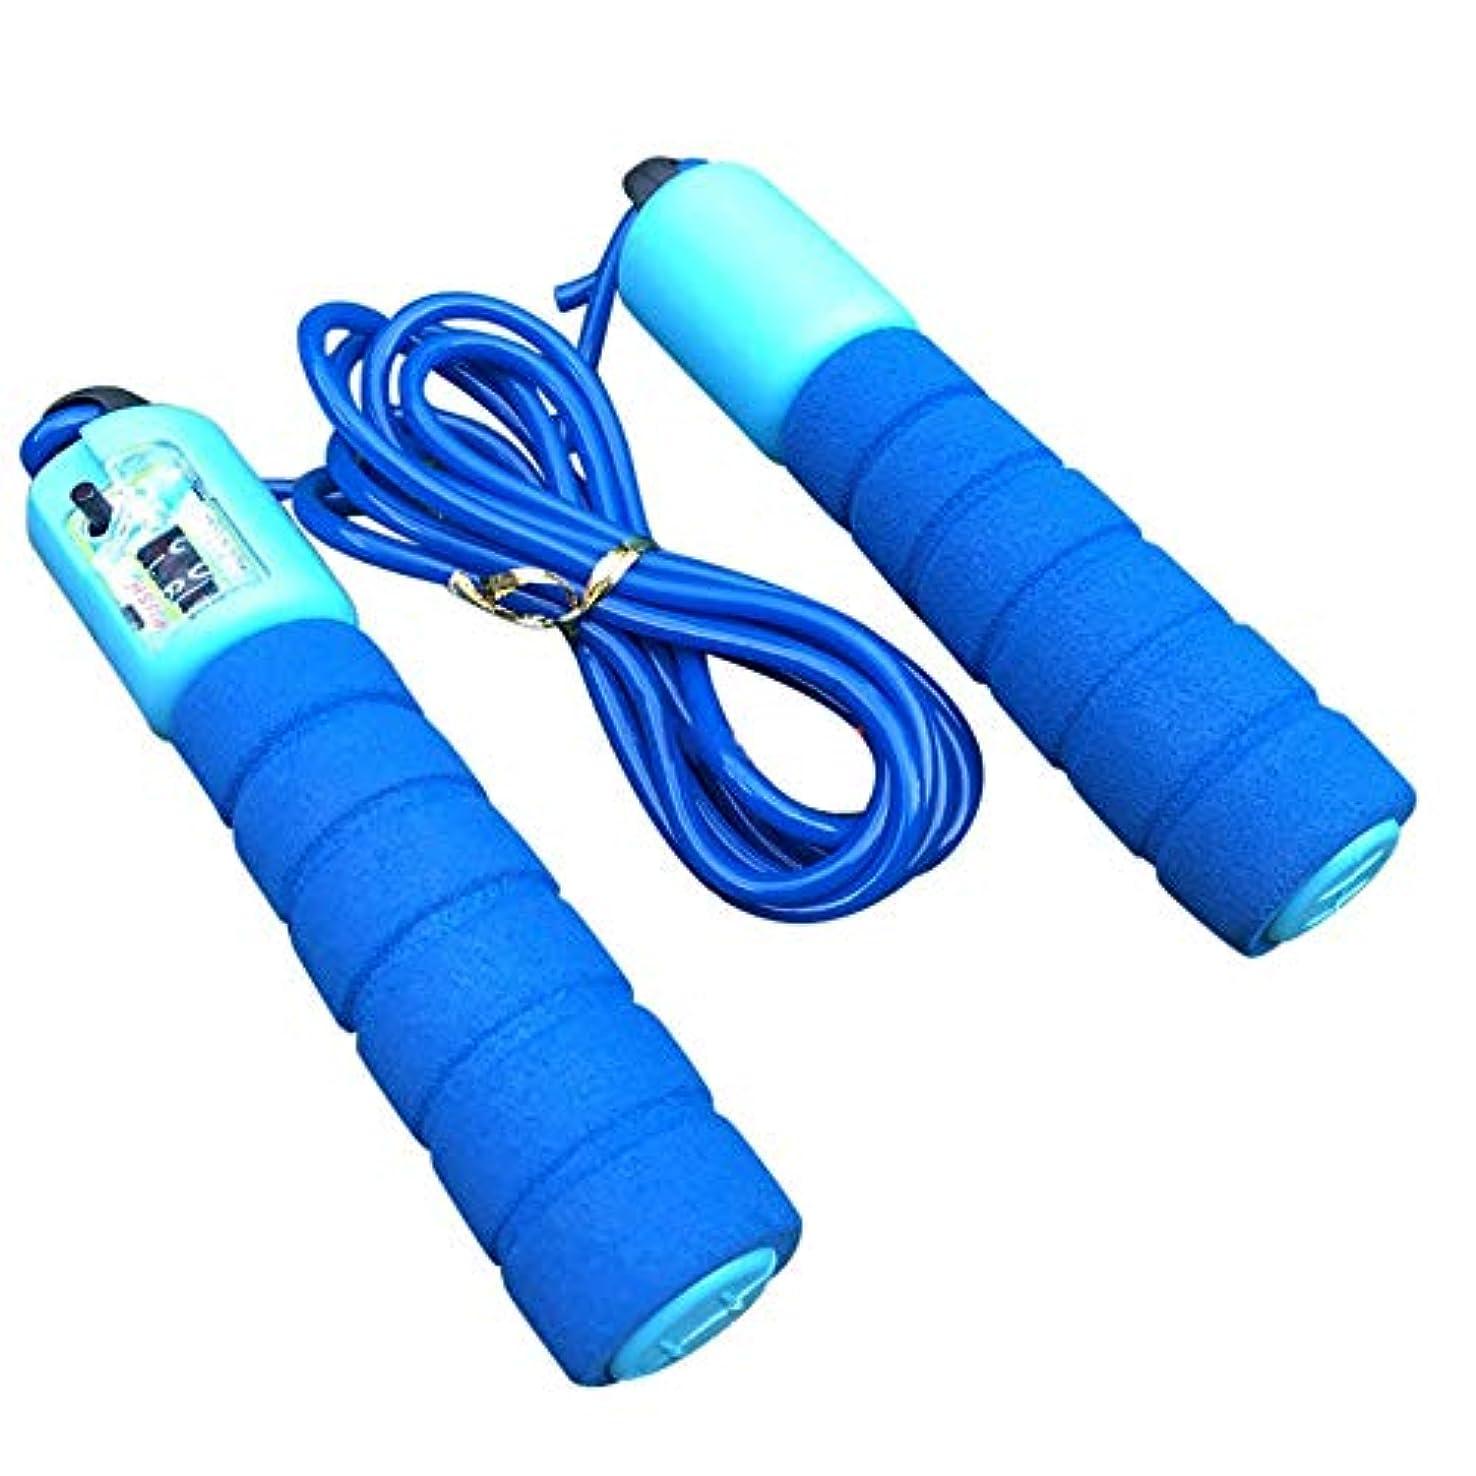 印をつける主観的落花生調整可能なプロフェッショナルカウント縄跳び自動カウントジャンプロープフィットネス運動高速カウントジャンプロープ - 青